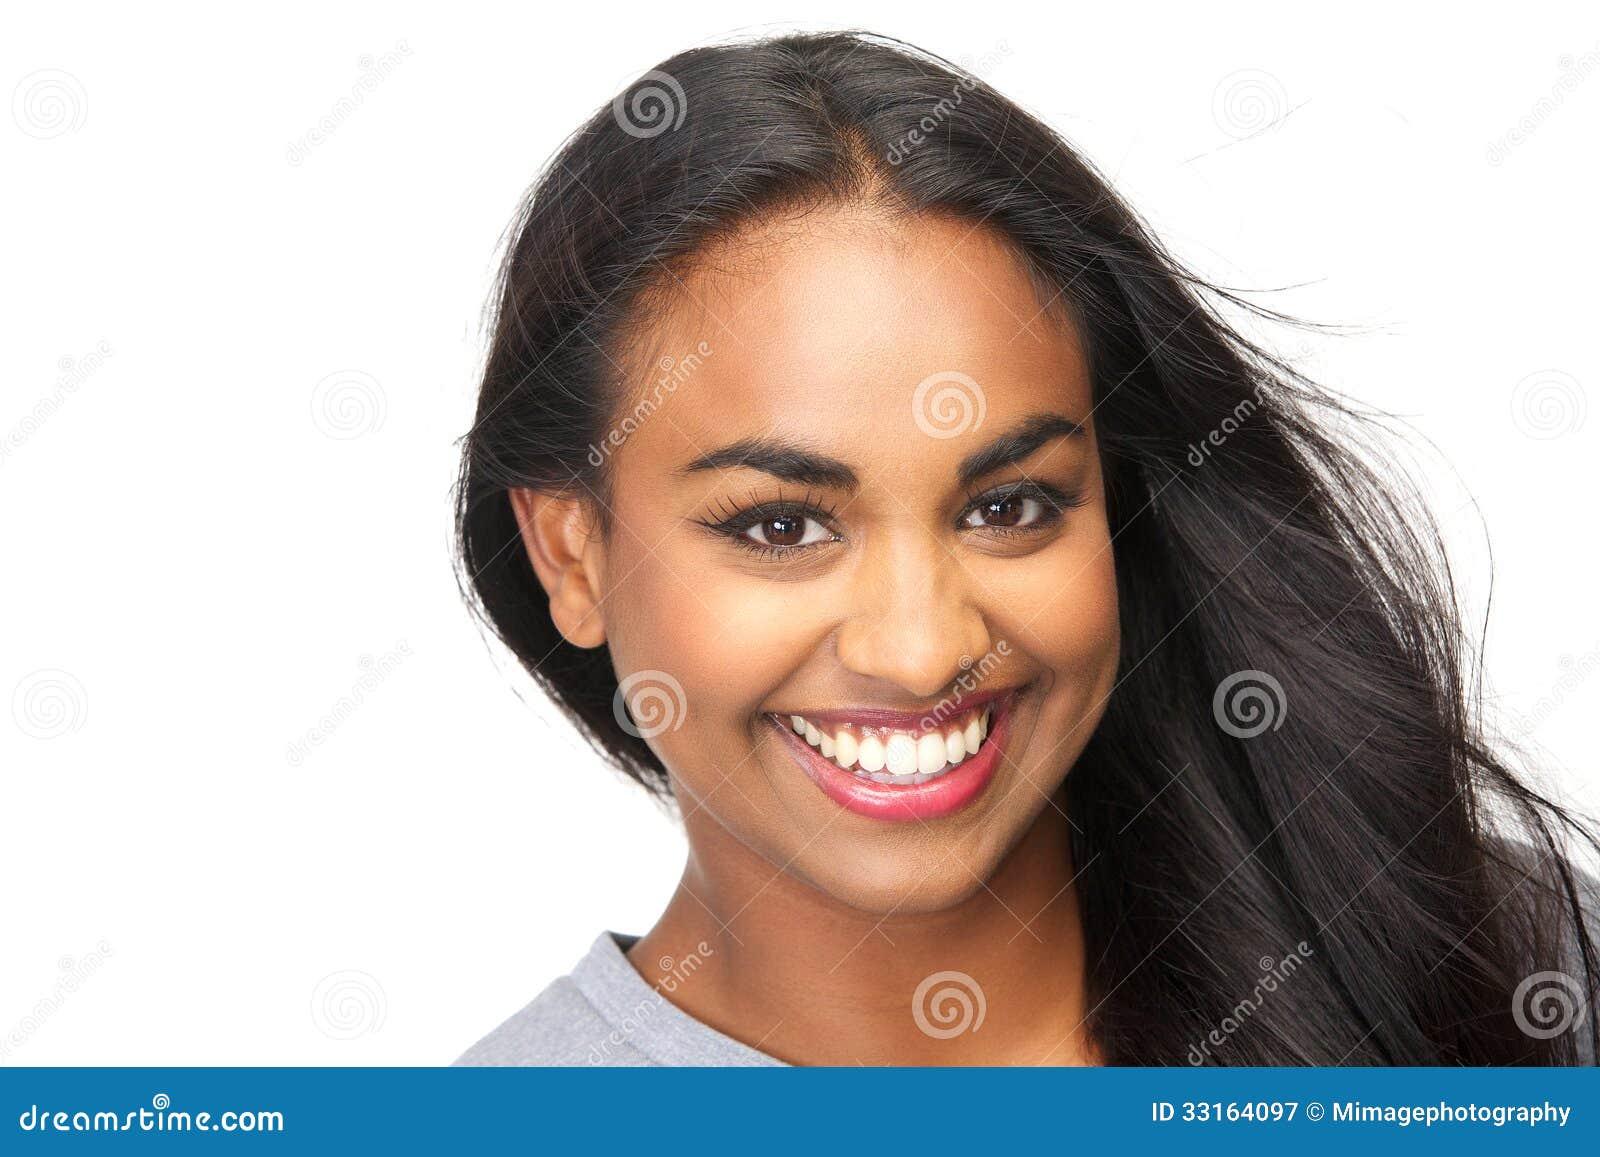 Όμορφη νέα γυναίκα που χαμογελά στο απομονωμένο άσπρο υπόβαθρο